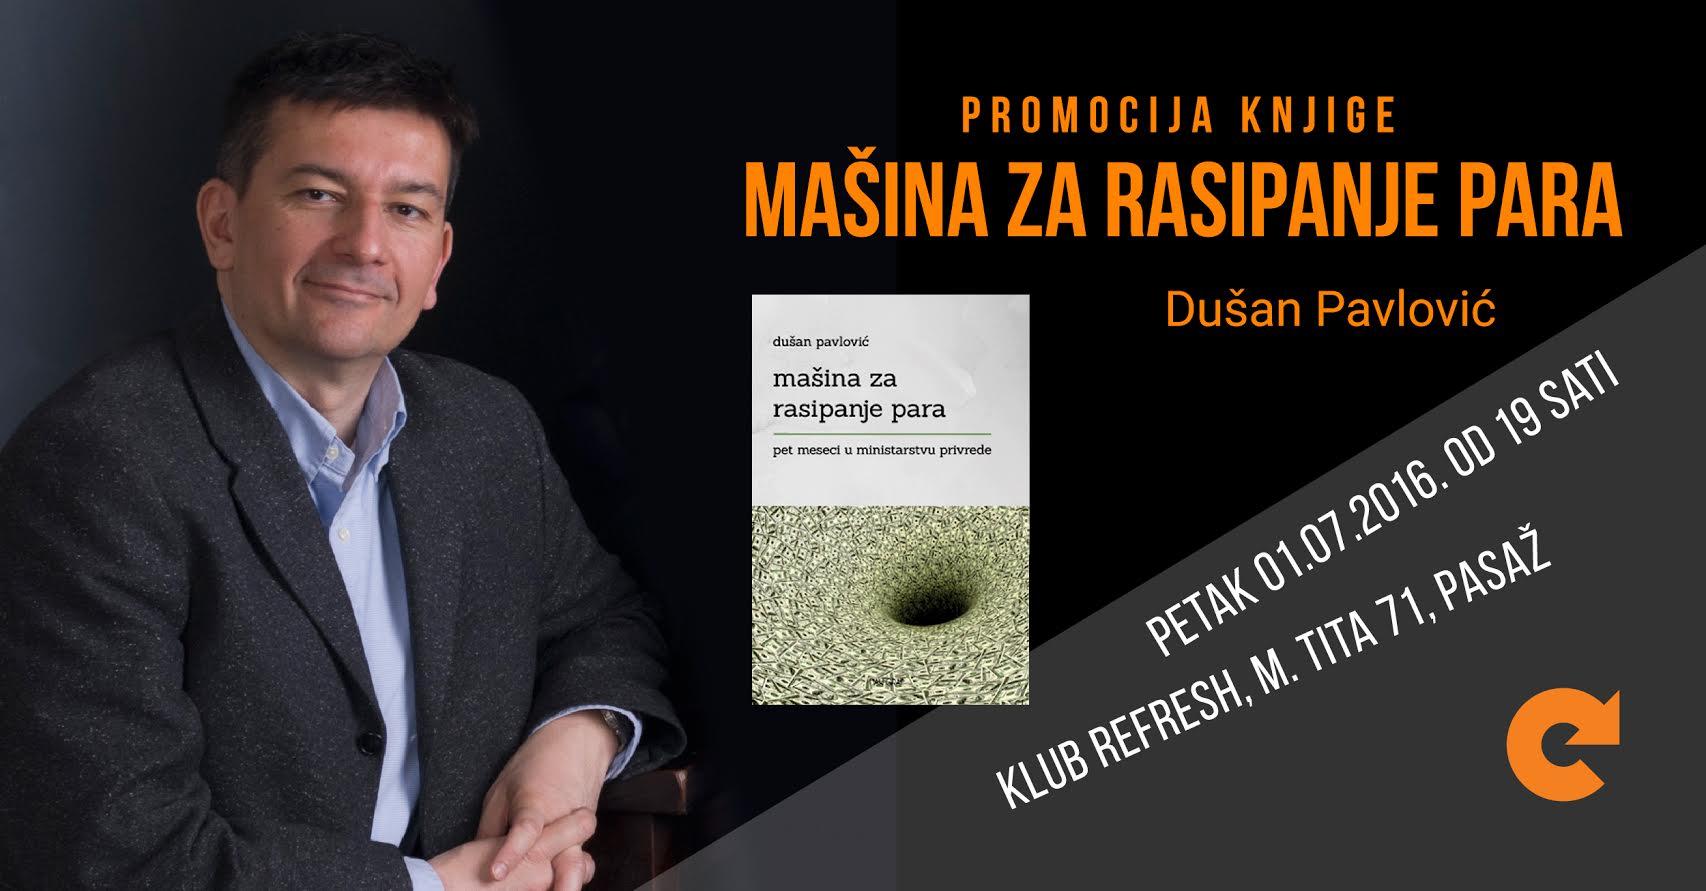 Dusan Pavlovic Vrbas